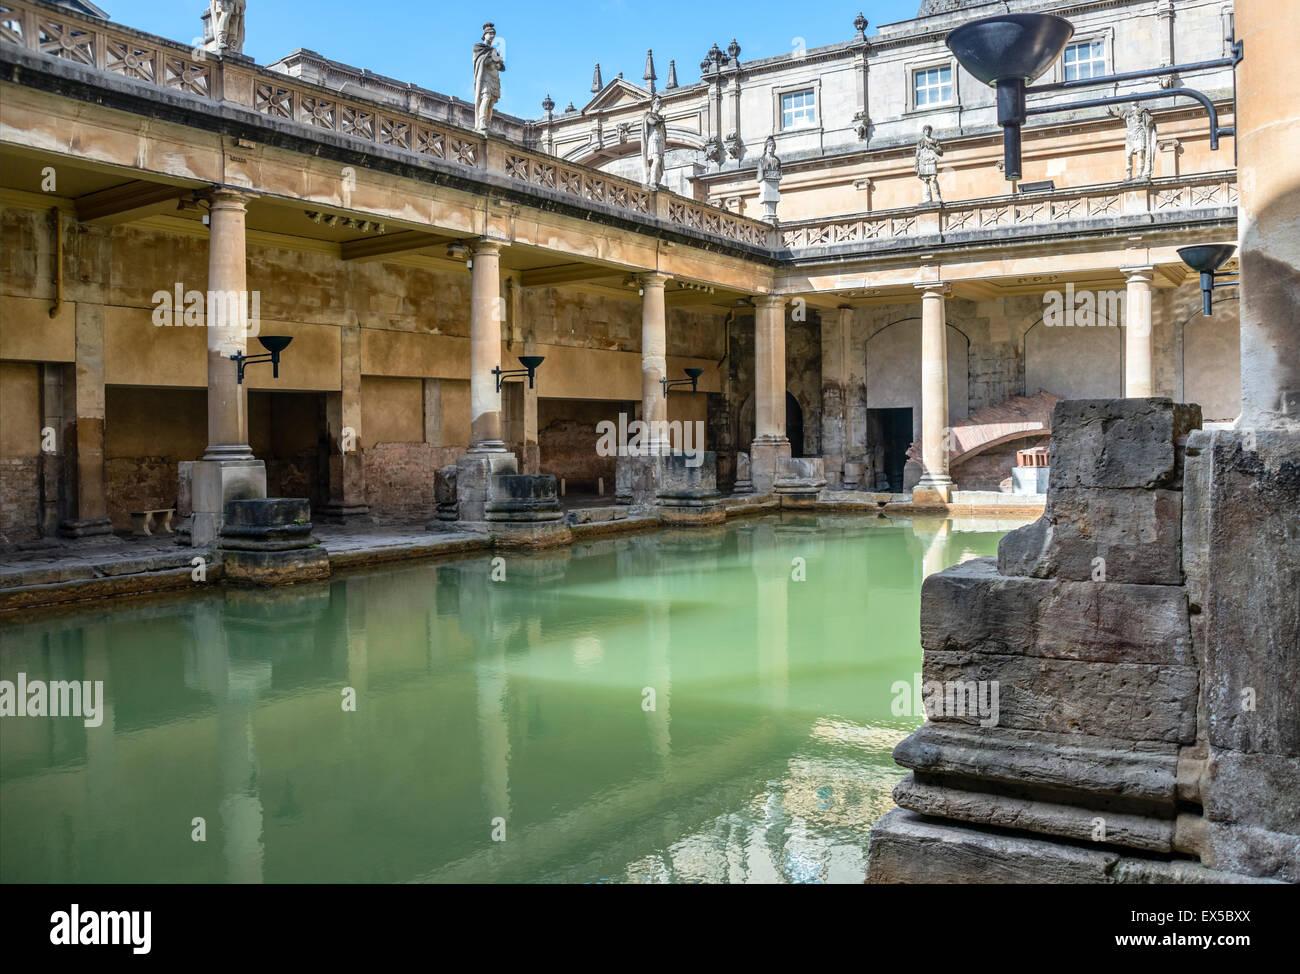 La grande vasca da bagno di Bagni Romani complessa, un sito di interesse storico nella città inglese di Bath, Immagini Stock